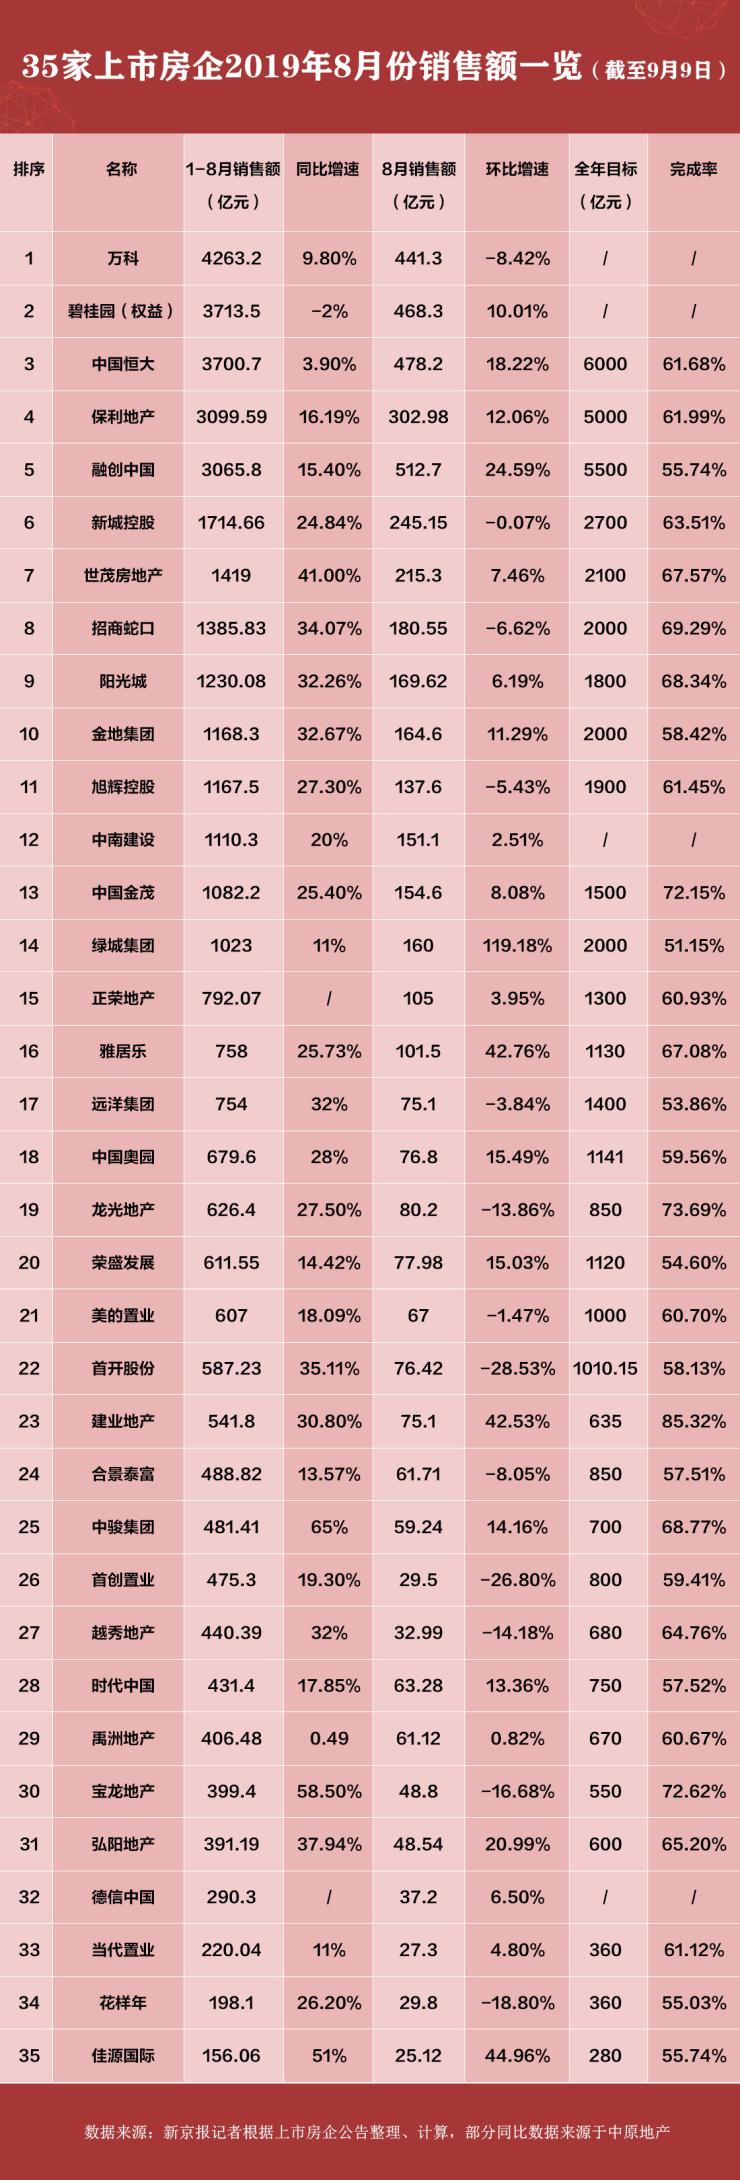 35家上市房企8月业绩:销售额环比回升较缓 13家负增长